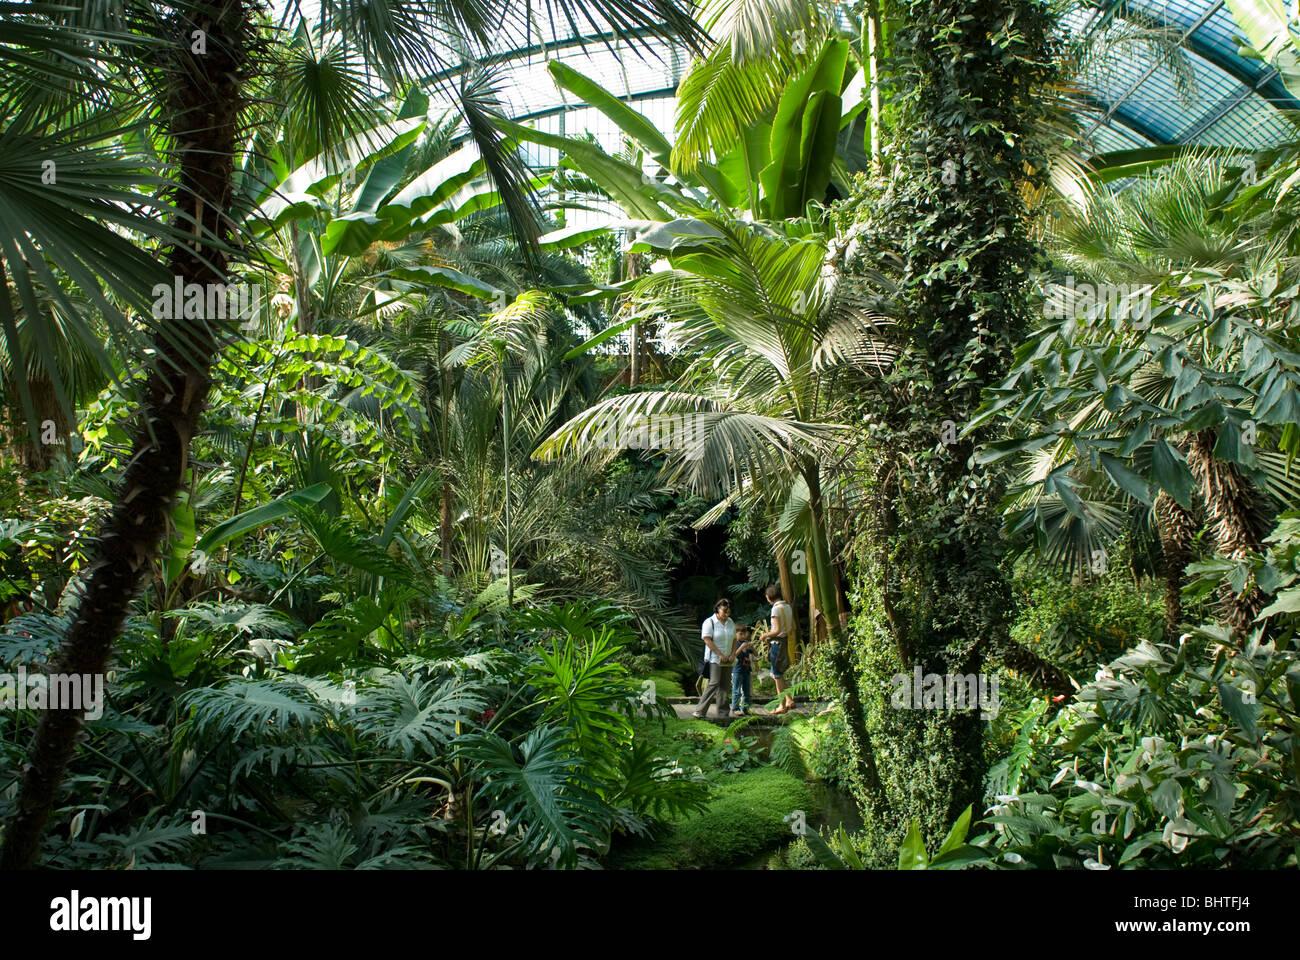 palmengarten botanischer garten in frankfurt tropicarium und skyline von frankfurt am main. Black Bedroom Furniture Sets. Home Design Ideas